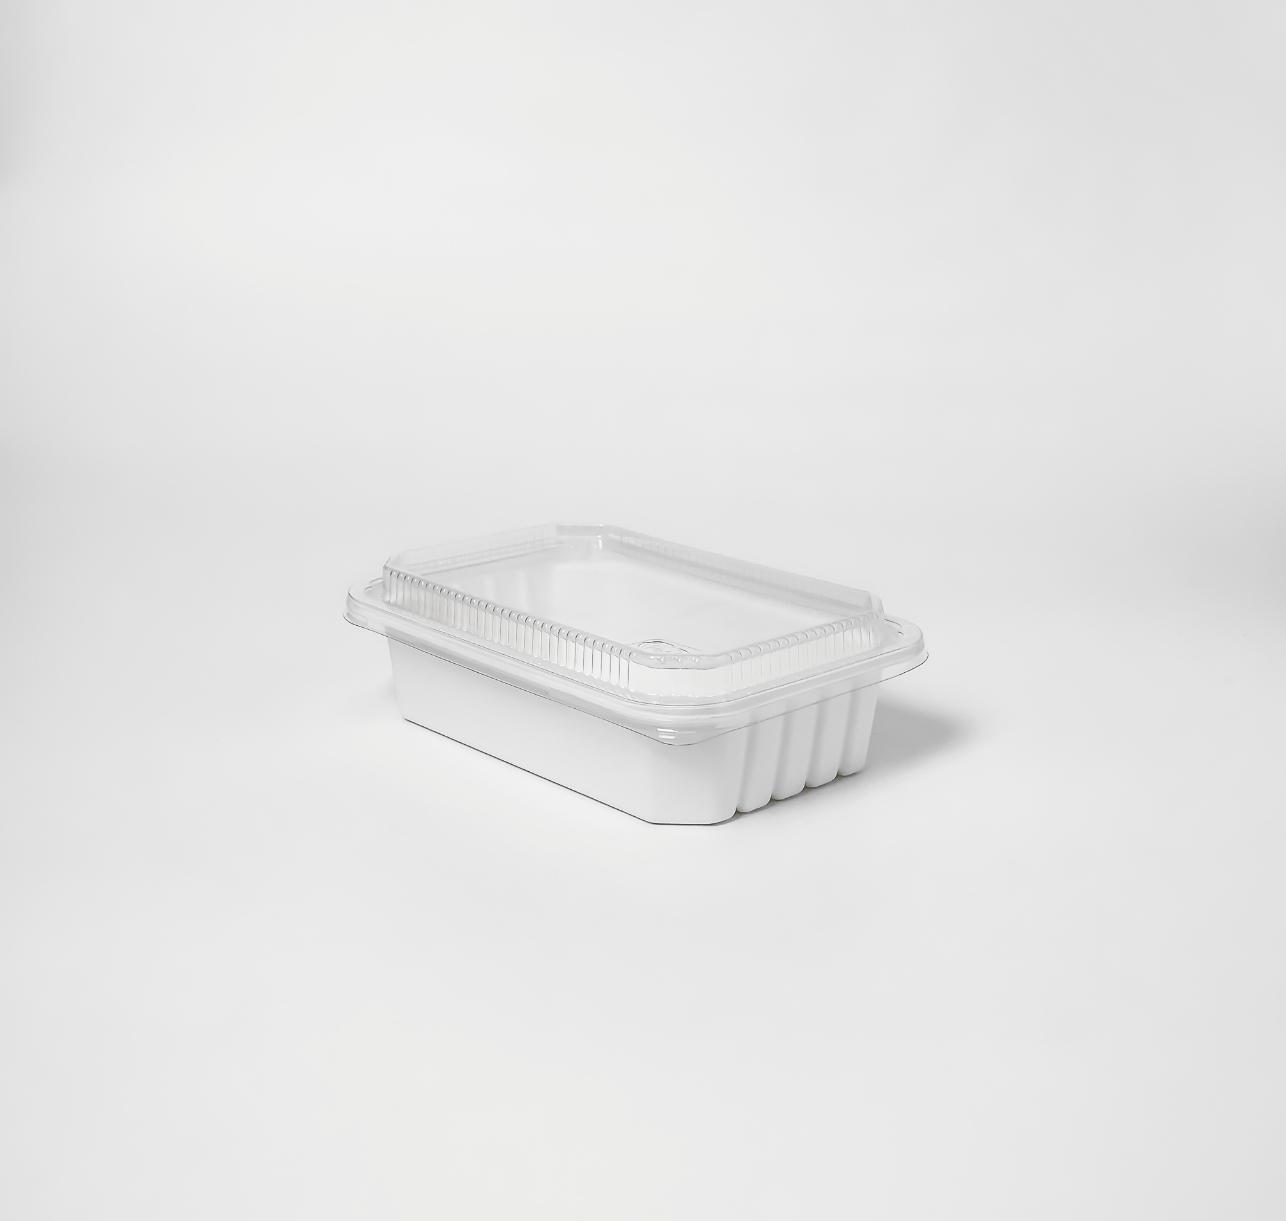 กล่องอาหารเยื่อธรรมชาติ Eco Hybrid ฝาใส 600ml